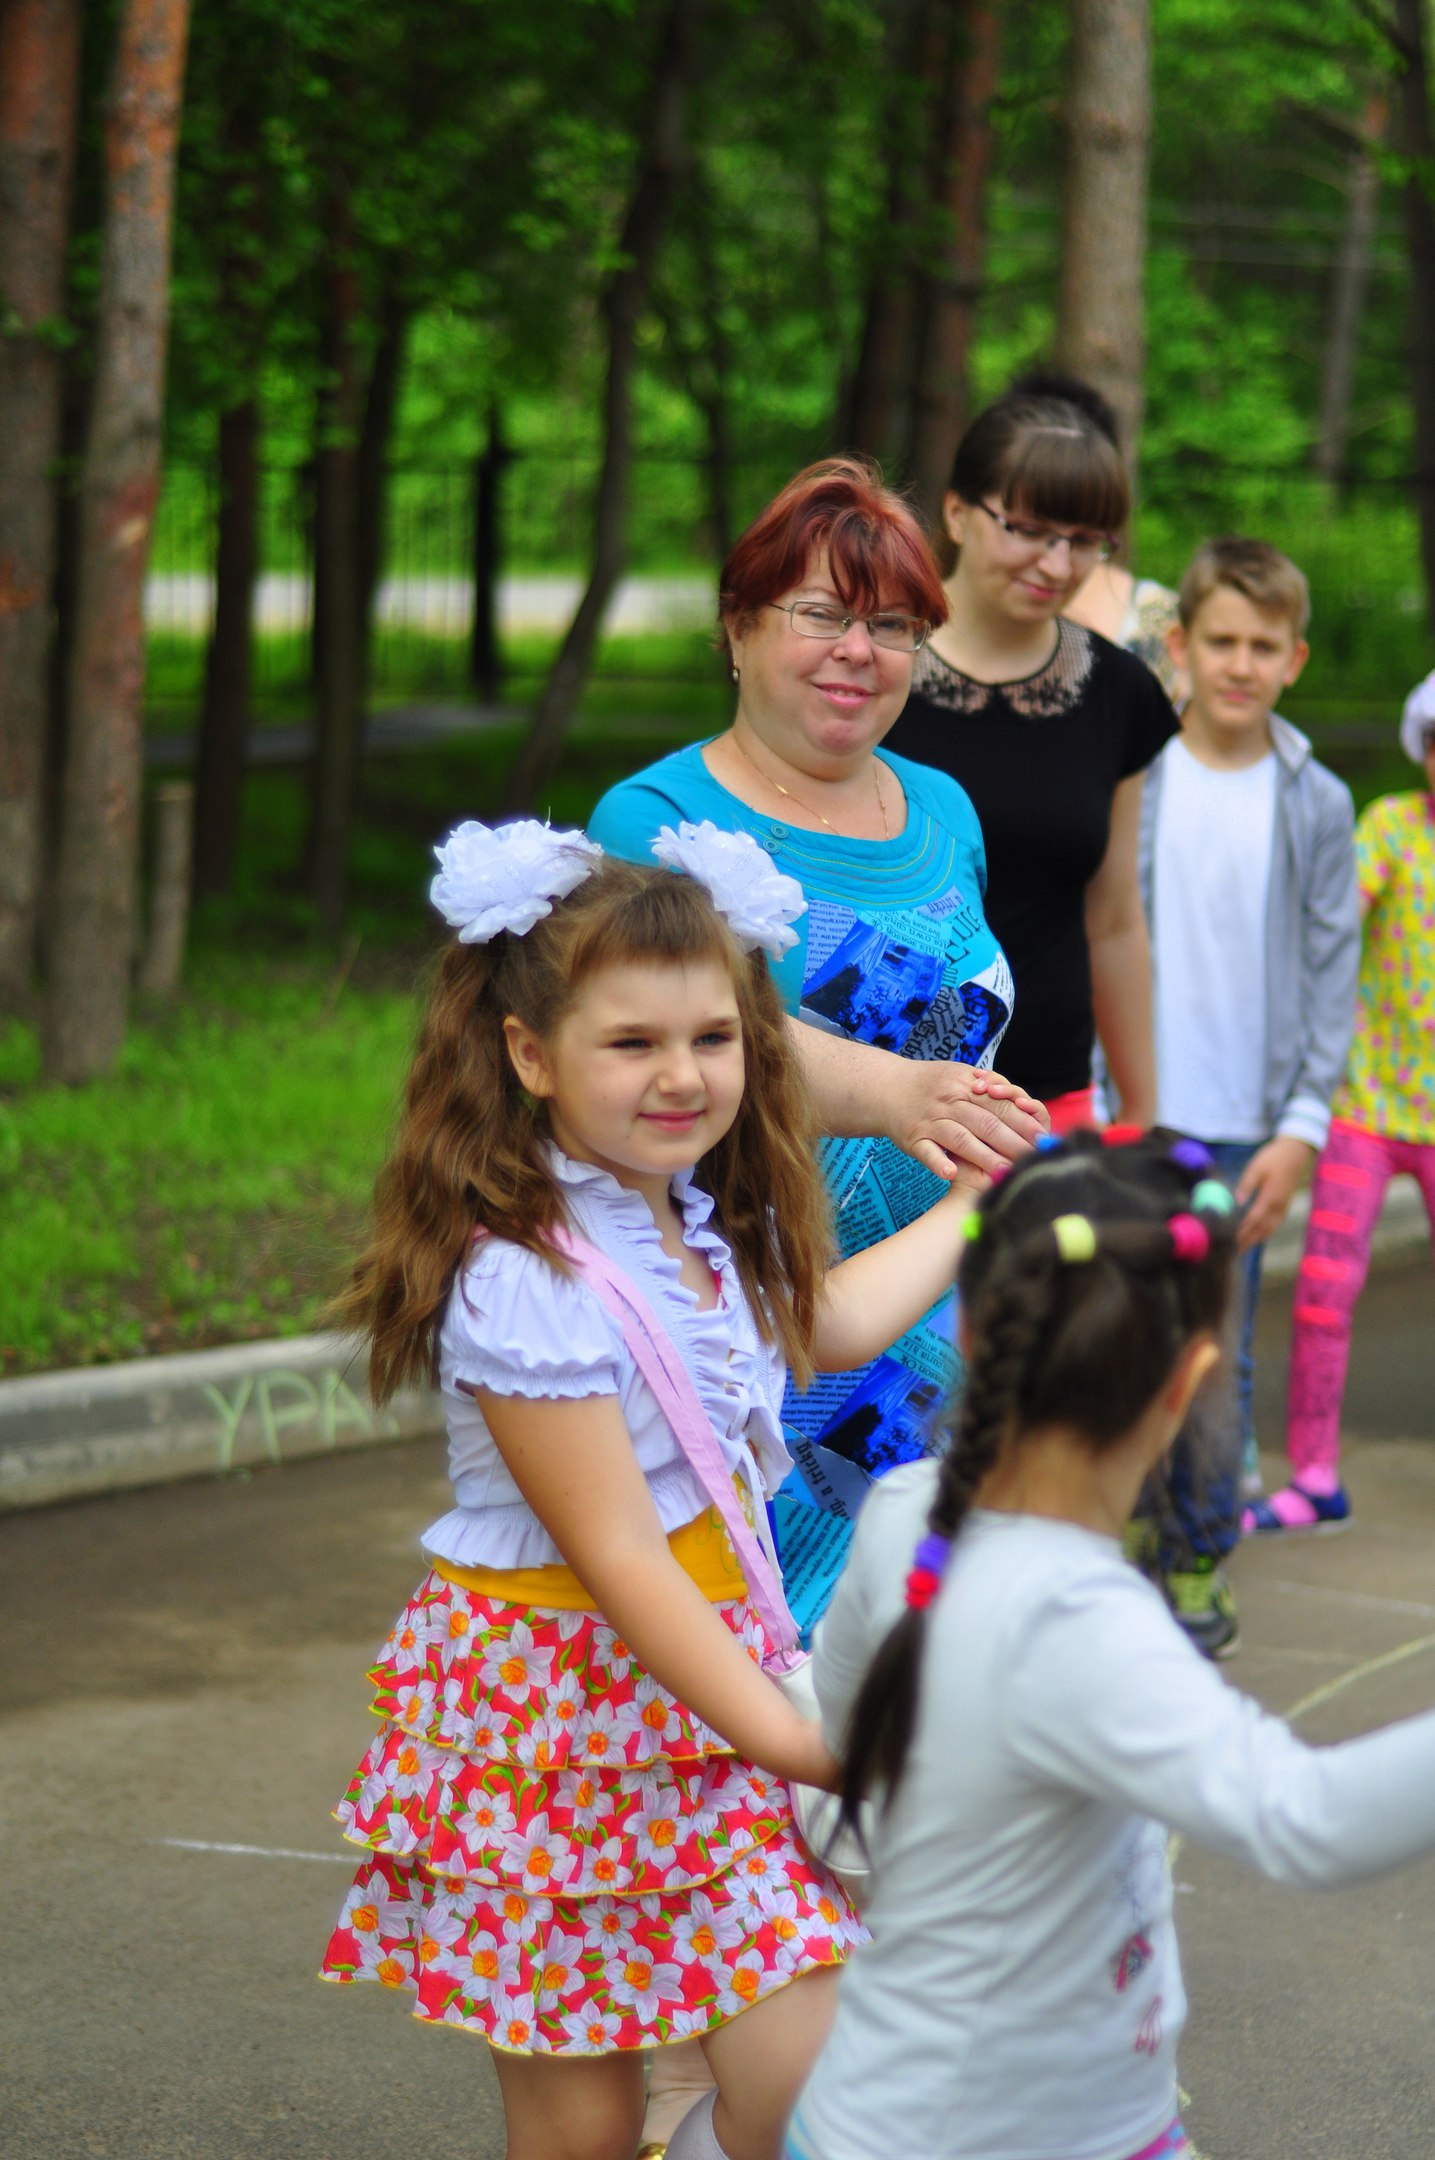 24.06.2016, вып. в Лесовичке, фото О. Сидяковой, 43